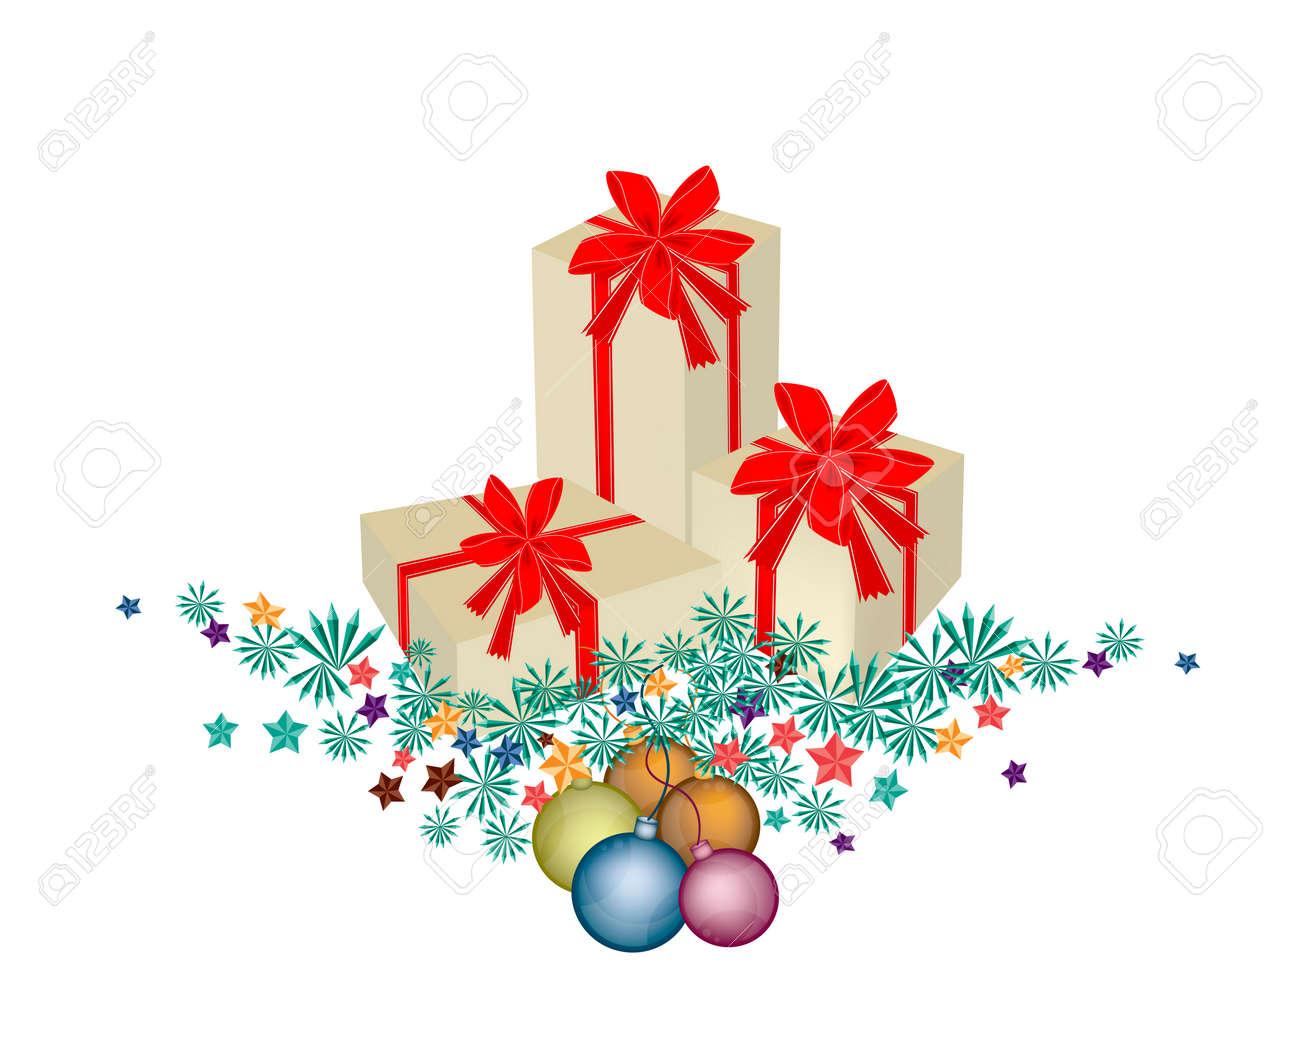 26431075934 Foto de archivo - Tres cajas de regalo decoradas en ramas de árbol de  navidad y bolas de navidad o adornos de Navidad decorado